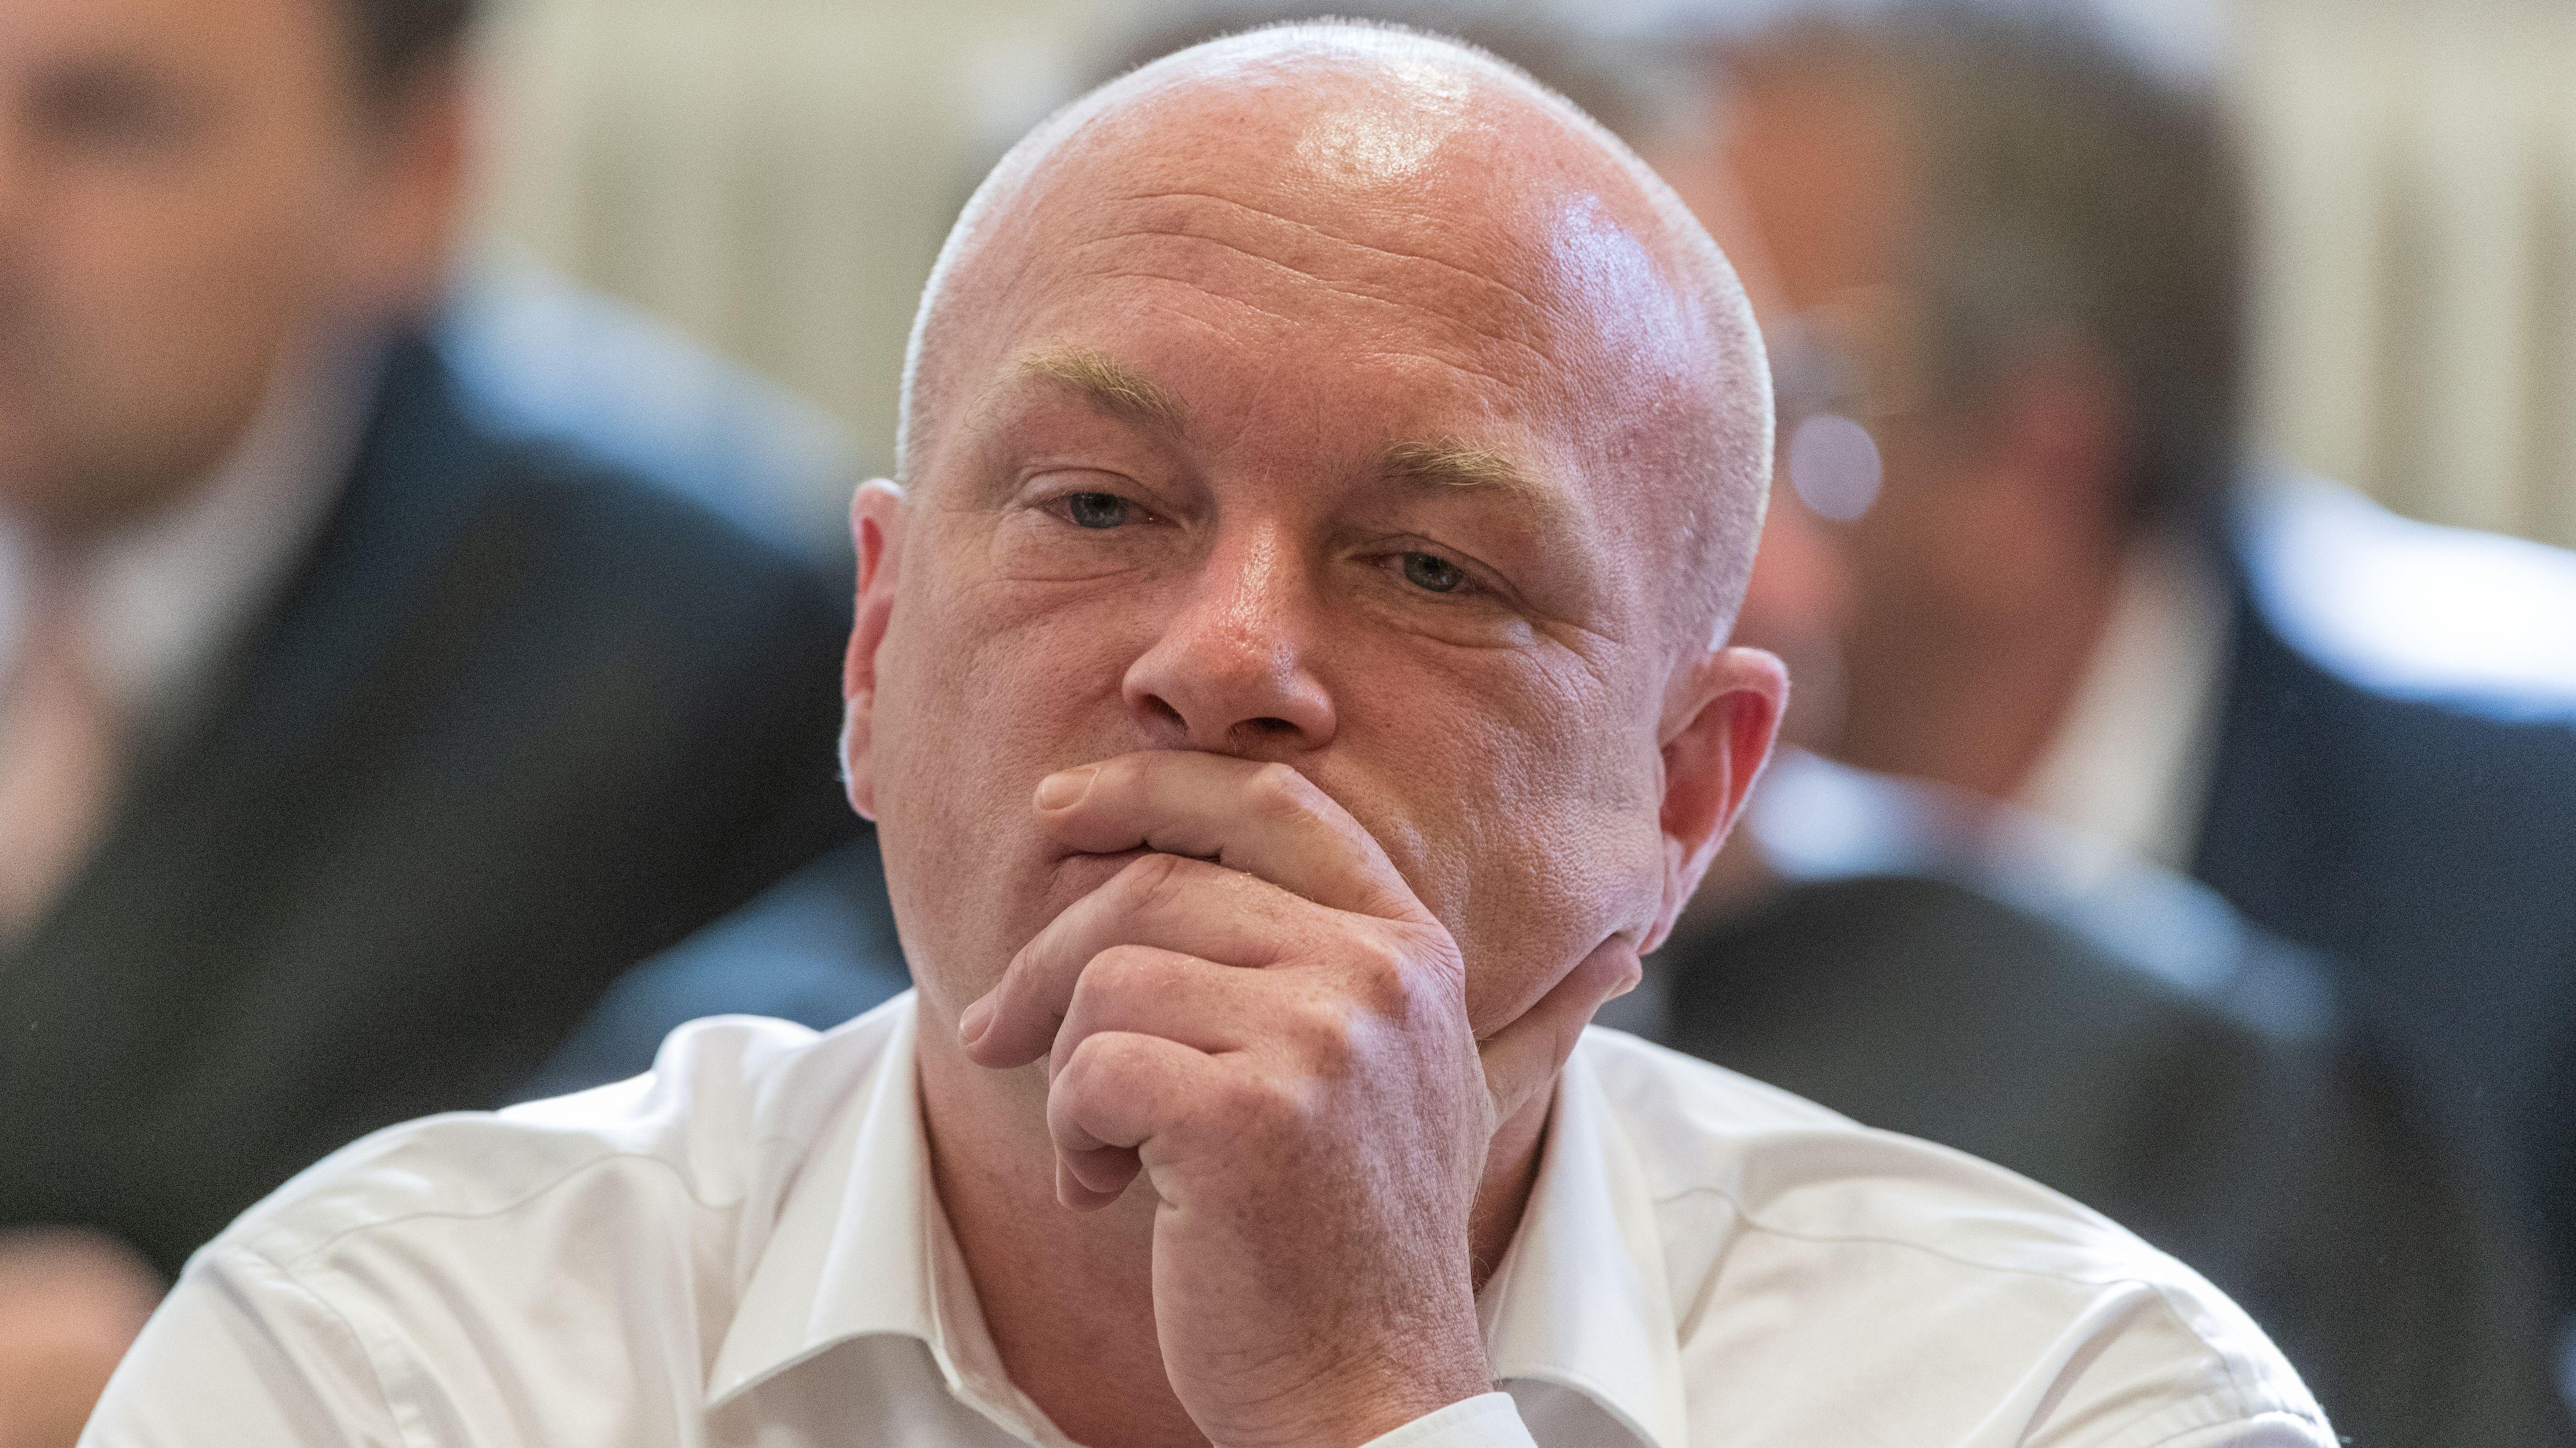 Der suspendierte Regensburger OB Joachim Wolbergs im Prozess vor dem Landgericht